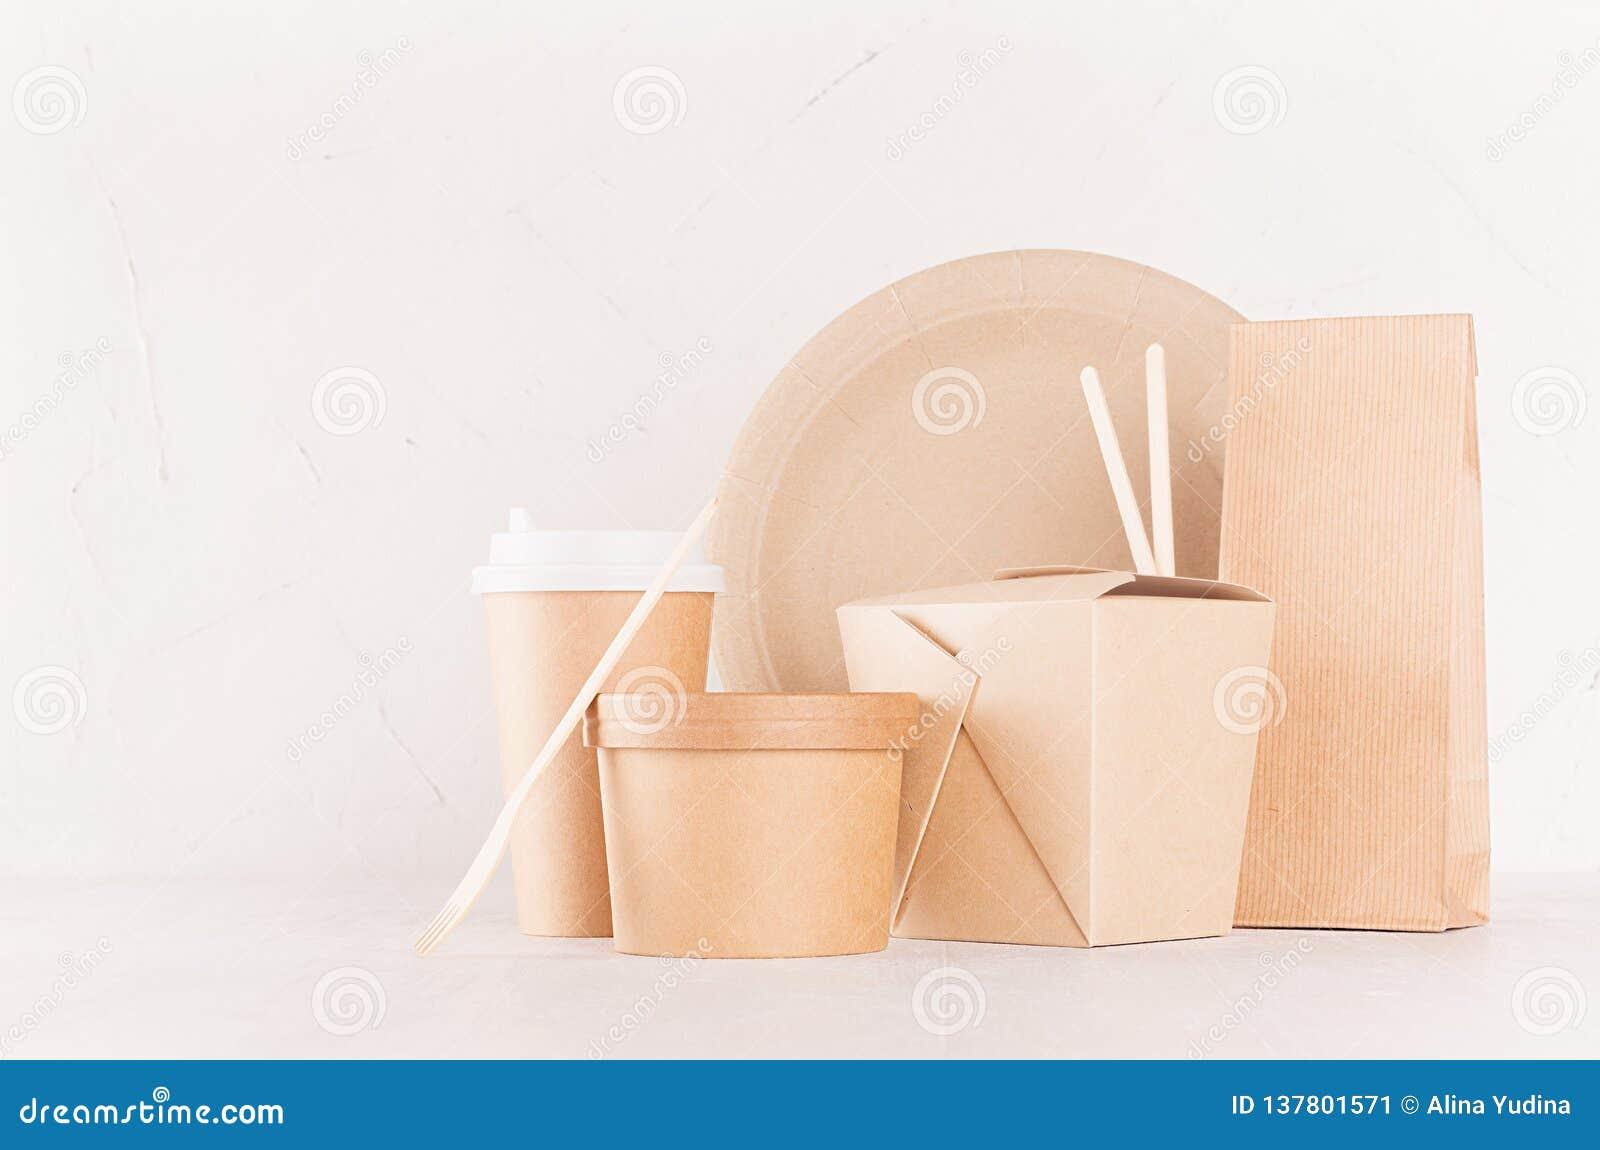 Φιλική συσκευασία εγγράφου ανακύκλωσης Eco για το γρήγορο φαγητό, το πρότυπο για το σχέδιο, τη διαφήμιση και το μαρκάρισμα - κενή